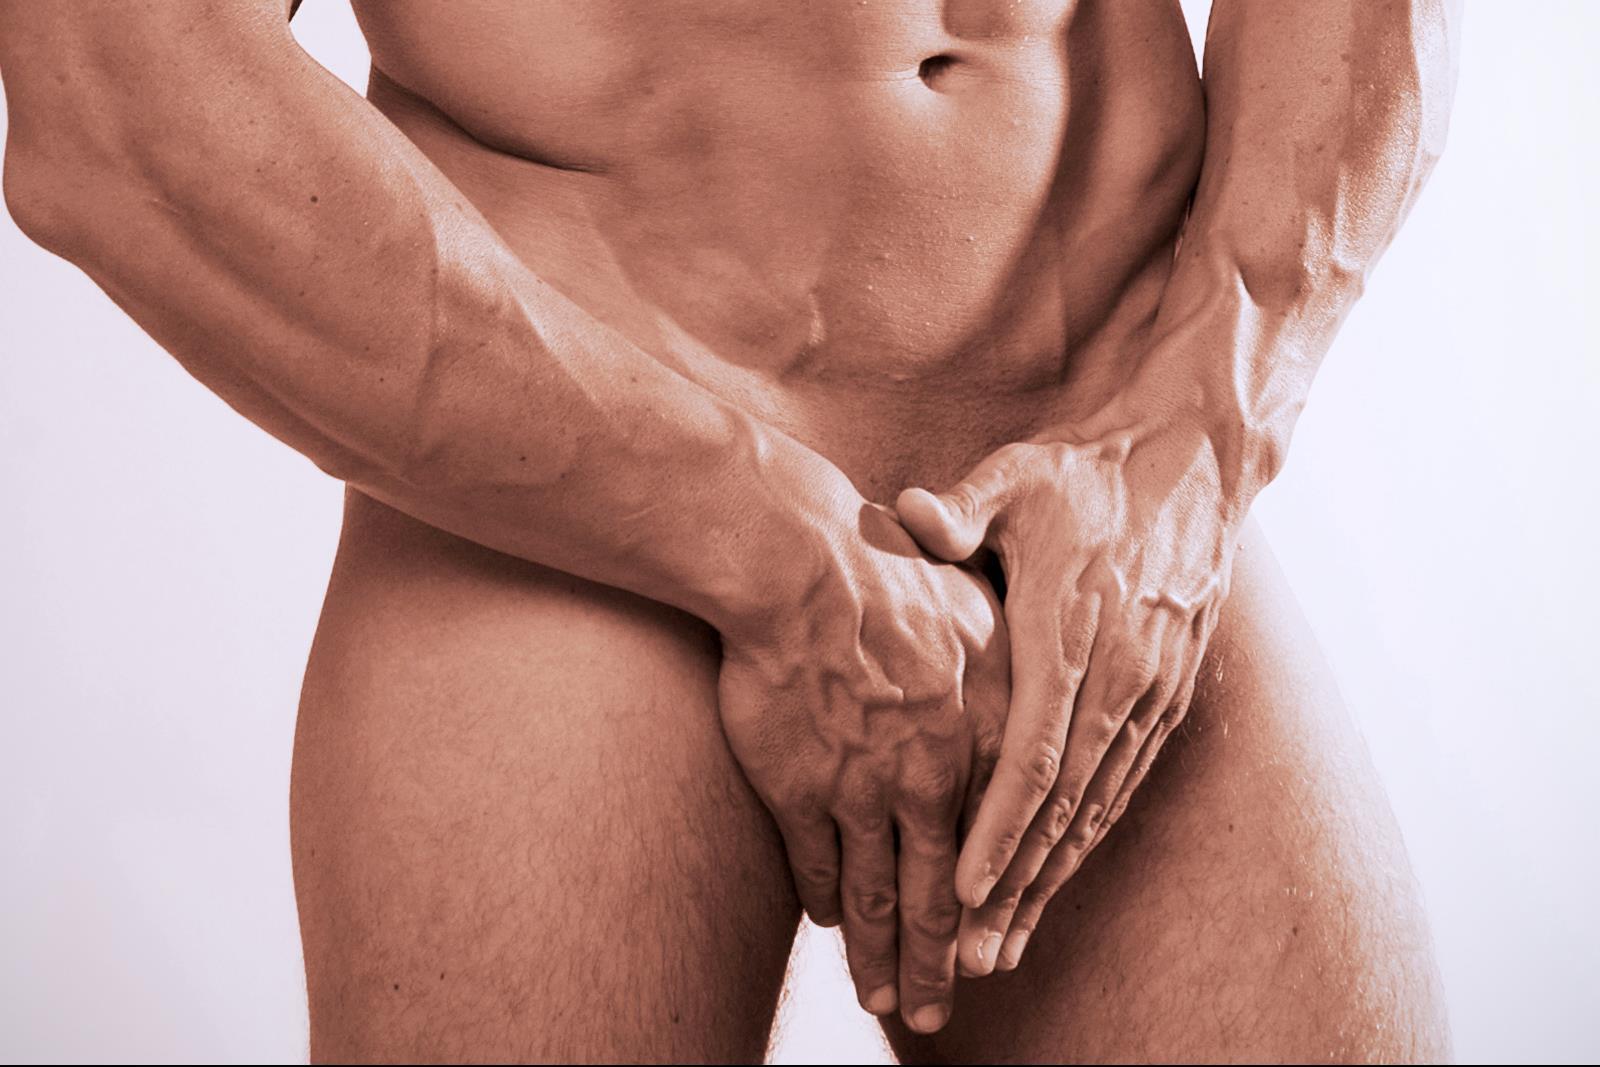 hogyan izgathatja az ember péniszét a pénisz aktív pontjai